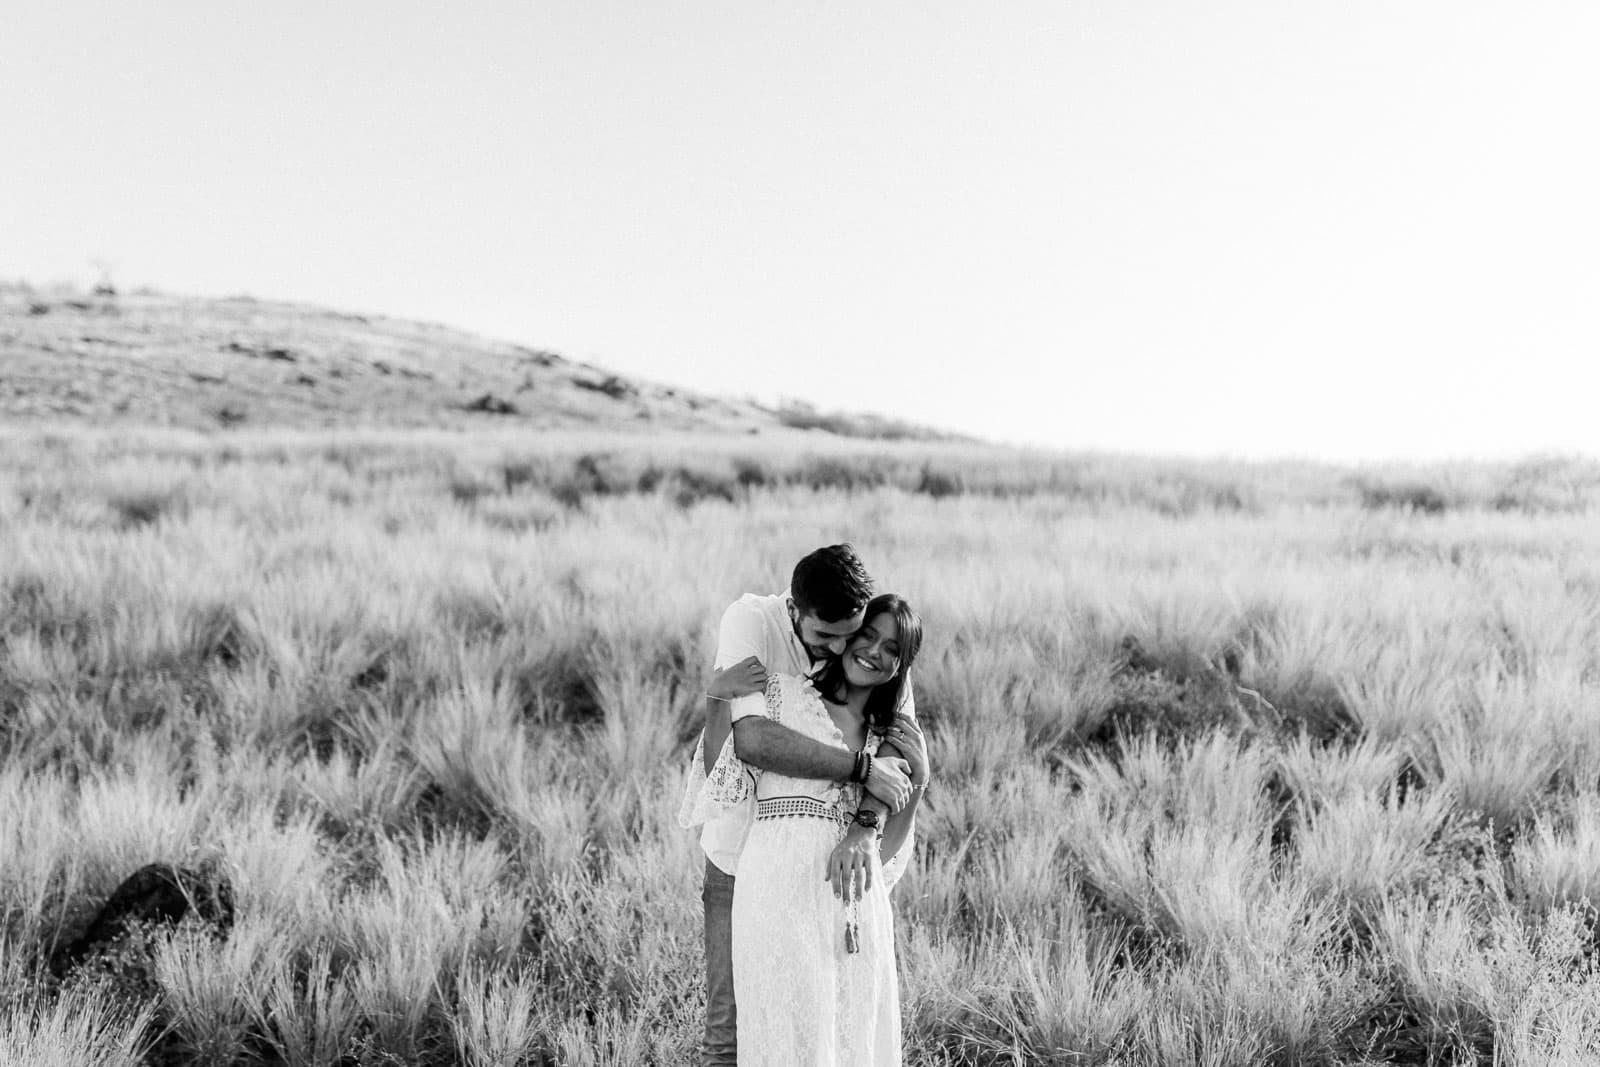 Photo d'une séance photo au Cap La Houssaye, de Mathieu Dété, en noir et blanc, photographe de mariage et famille à Saint-Gilles de la Réunion 974, présentant un couple enlacé dans la savane du Cap La Houssaye, près de Saint-Paul